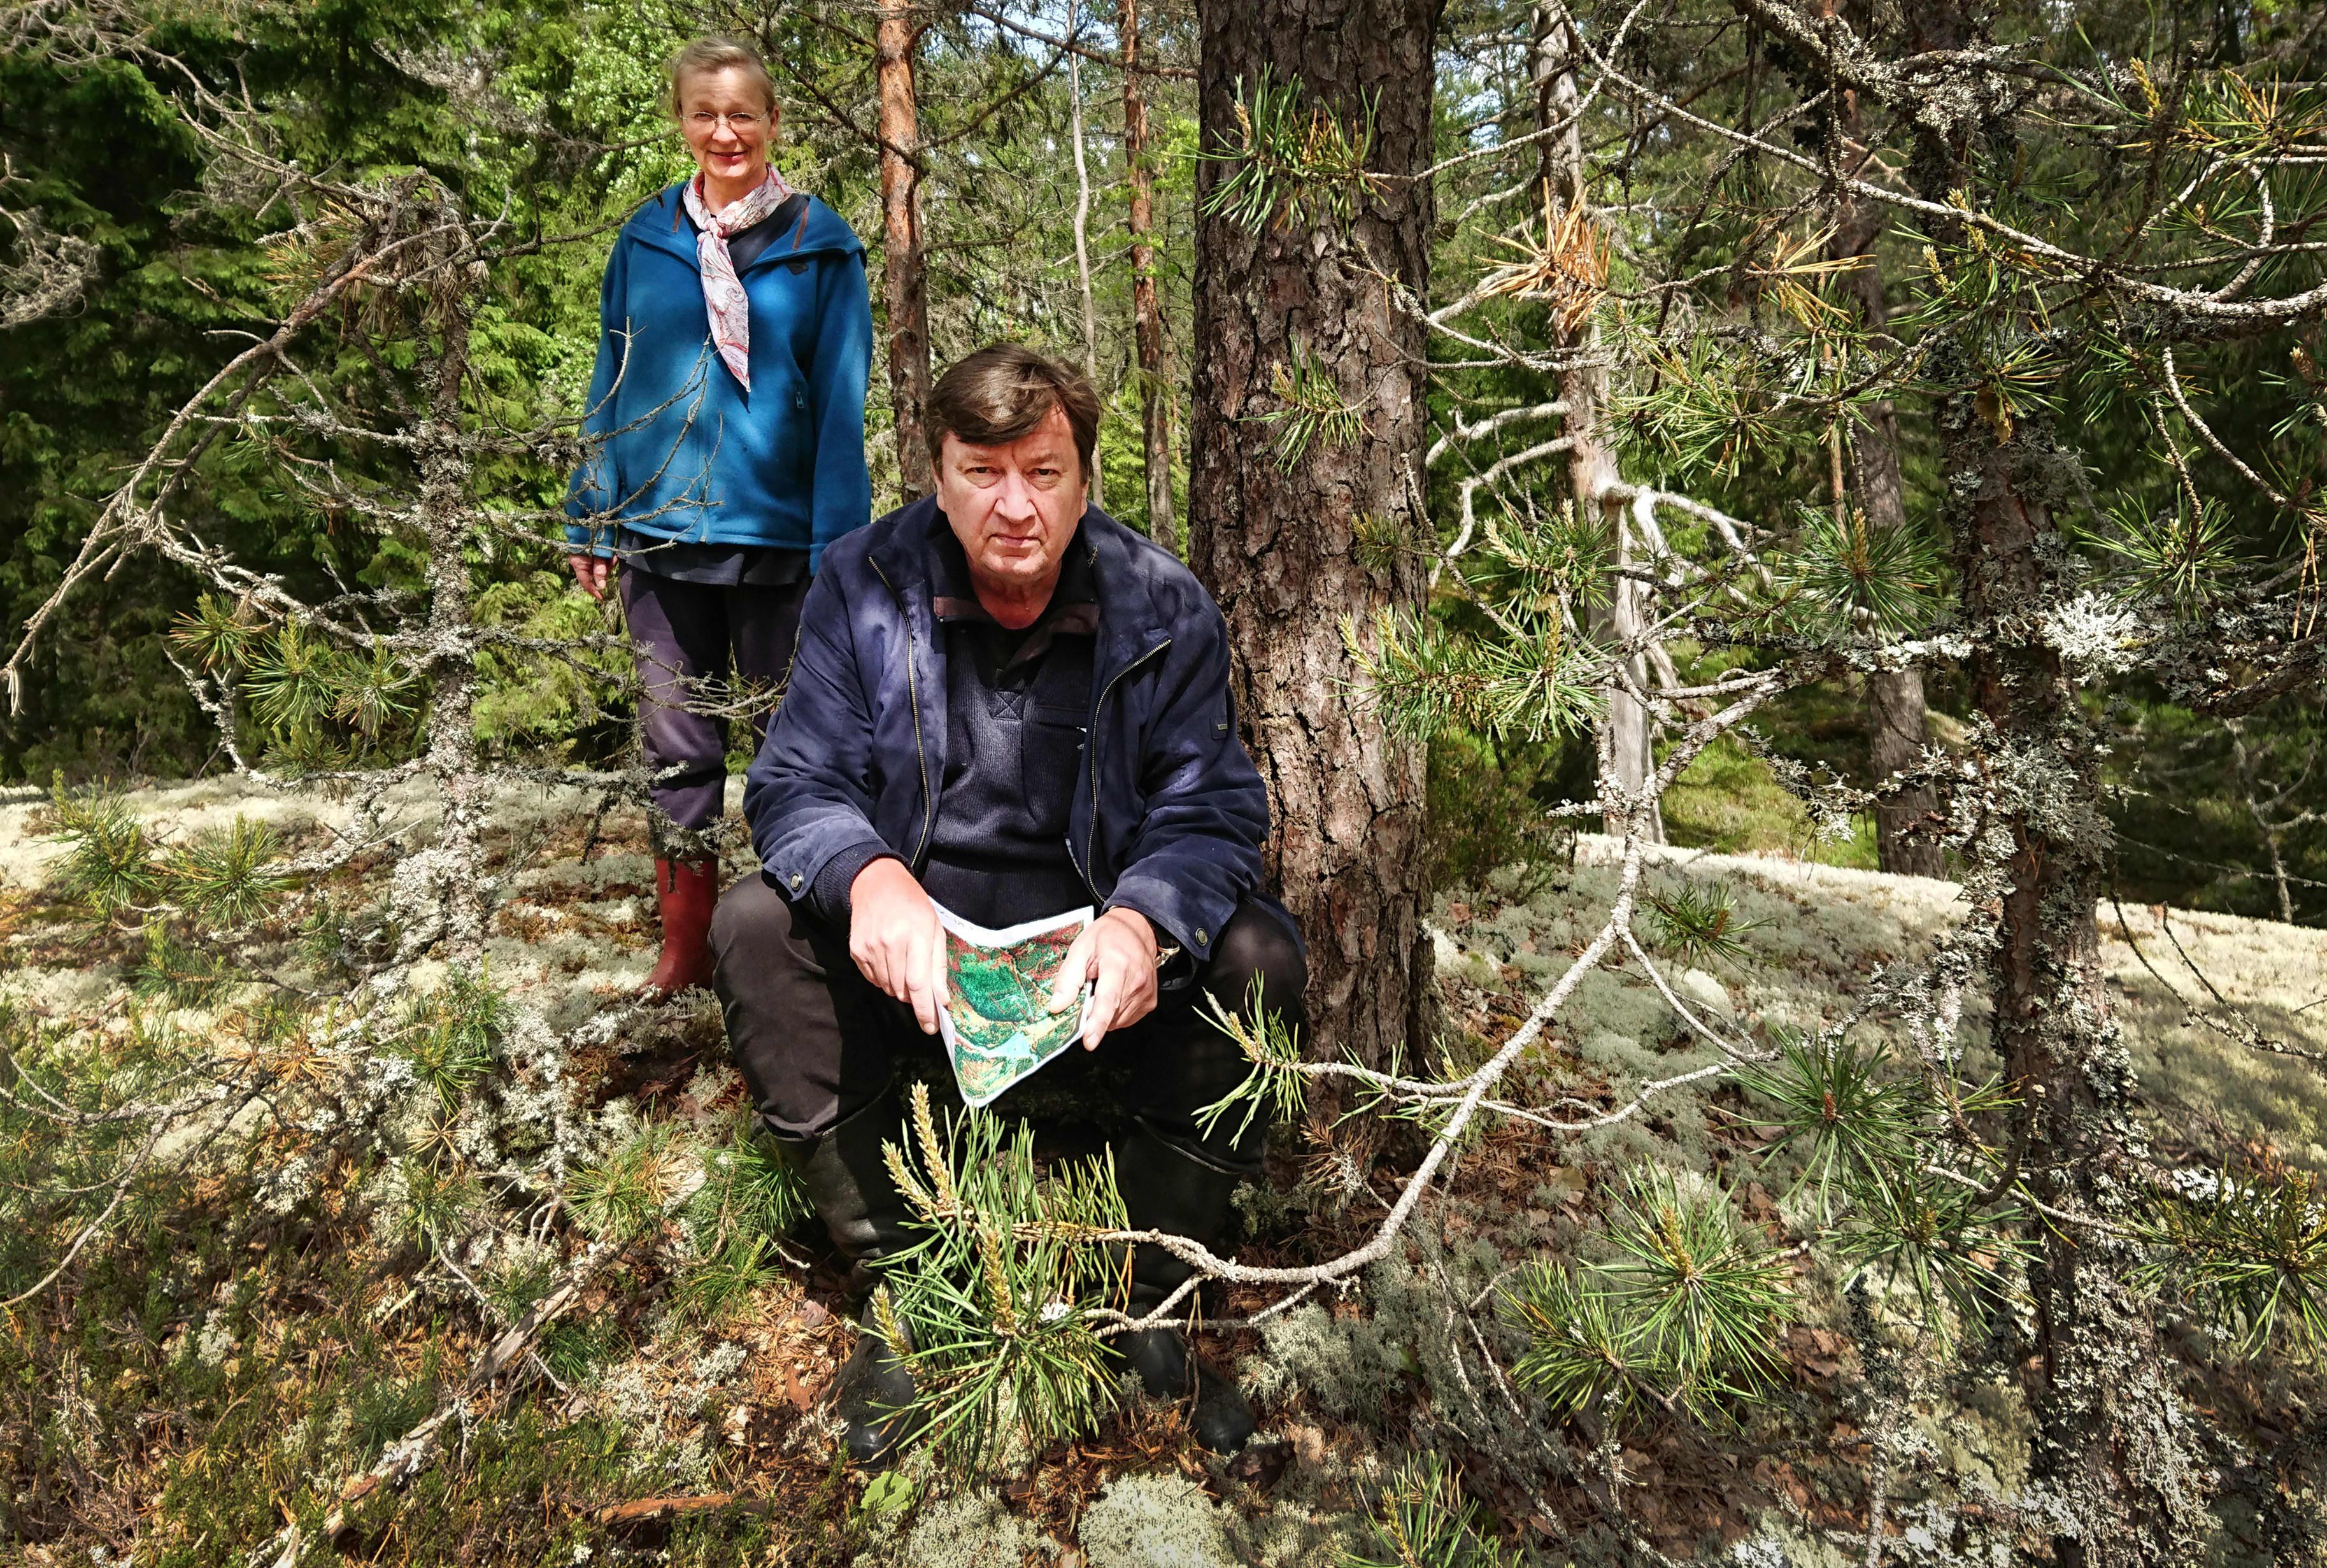 Aki Kaurismäki vaimonsa Paula Oinosen kanssa Keuraanmäen kalliolla Pusulassa.